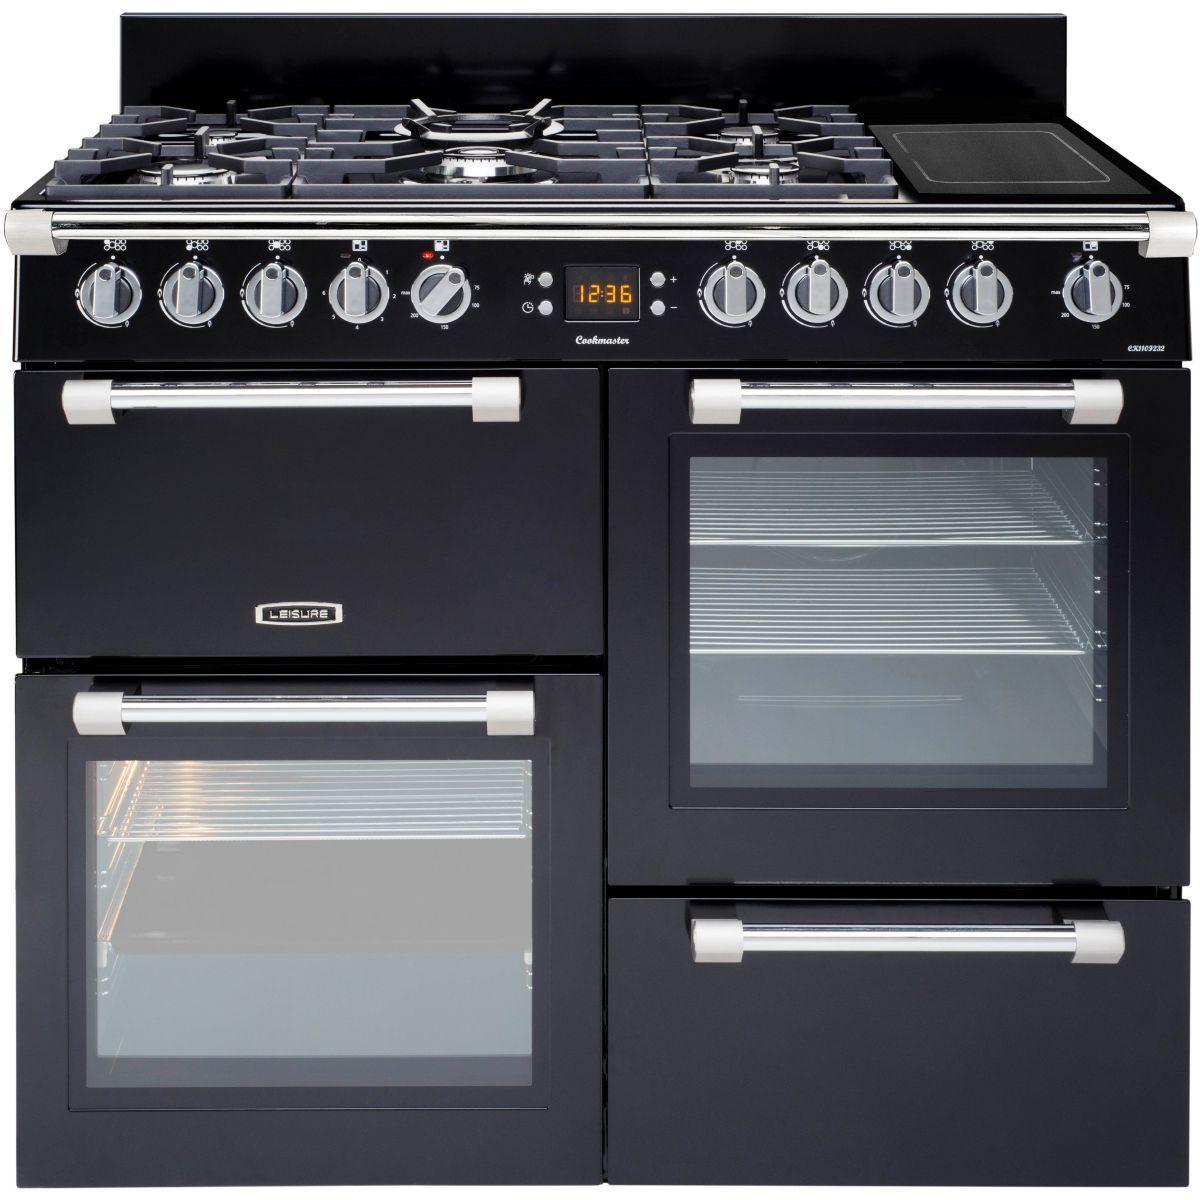 Piano de cuisson mixte leisure ck100f324k - livraison offerte ...